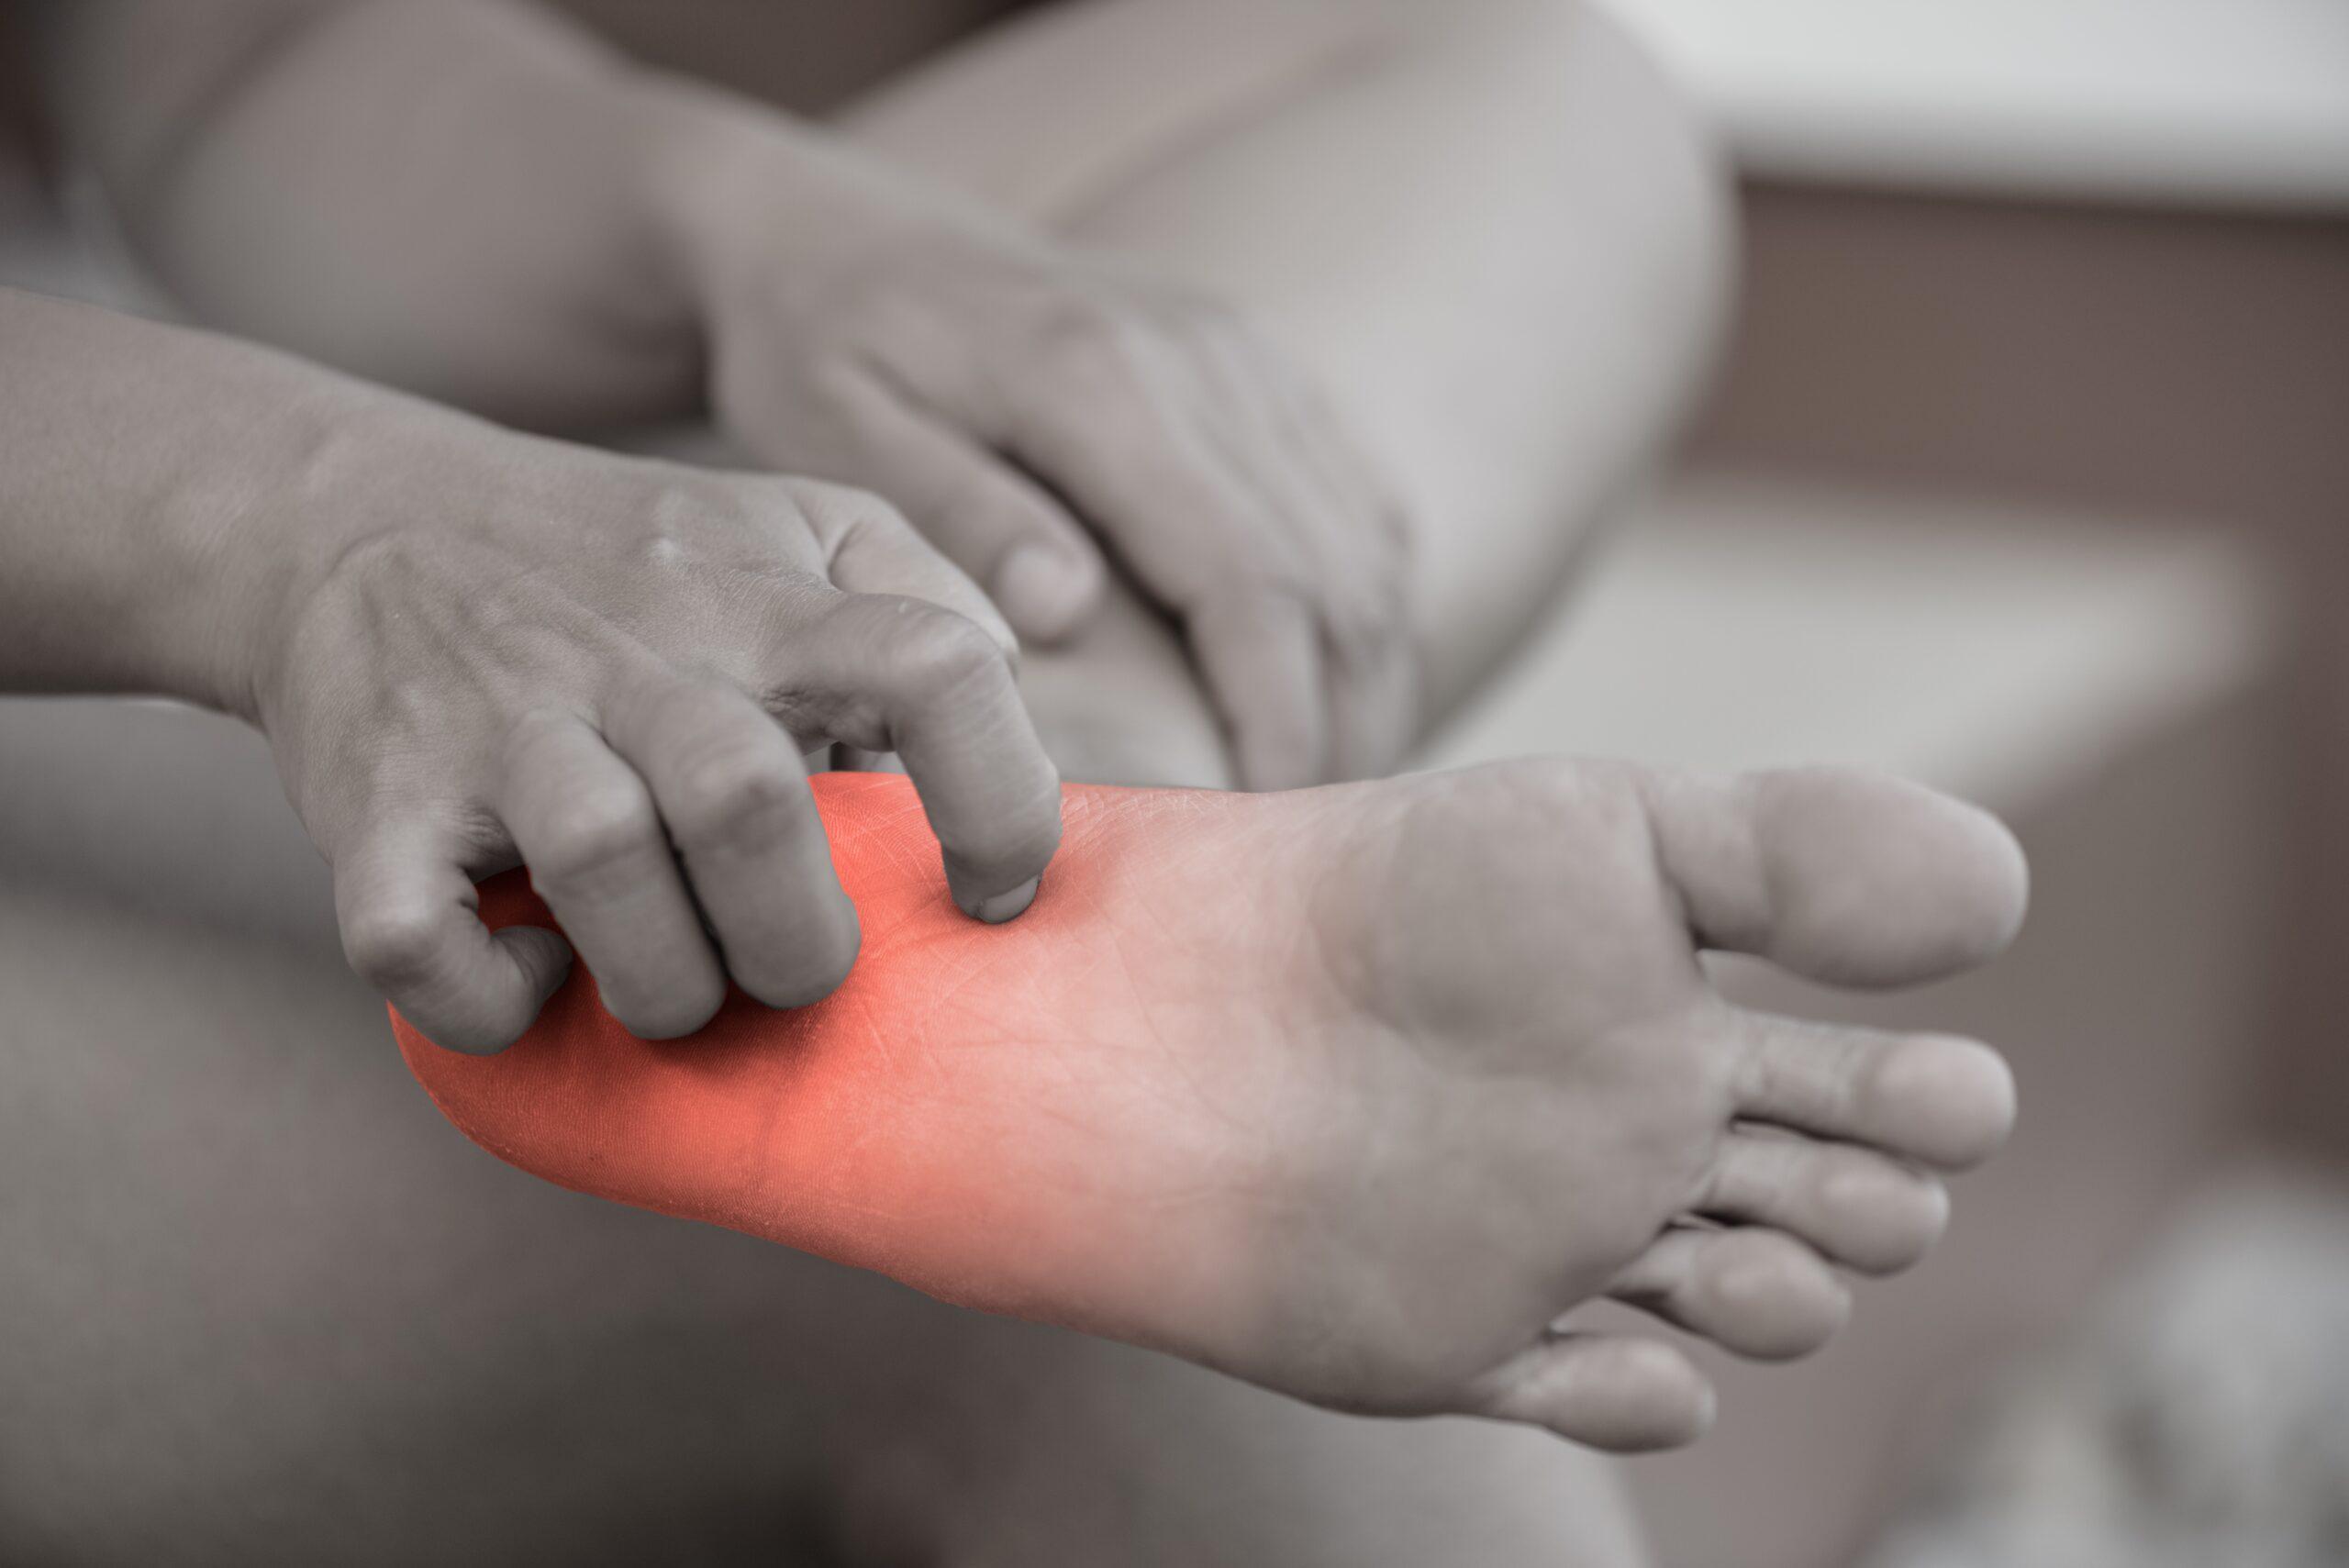 Pijn in de voeten is niet nodig, kom langs bij de podotherapeut